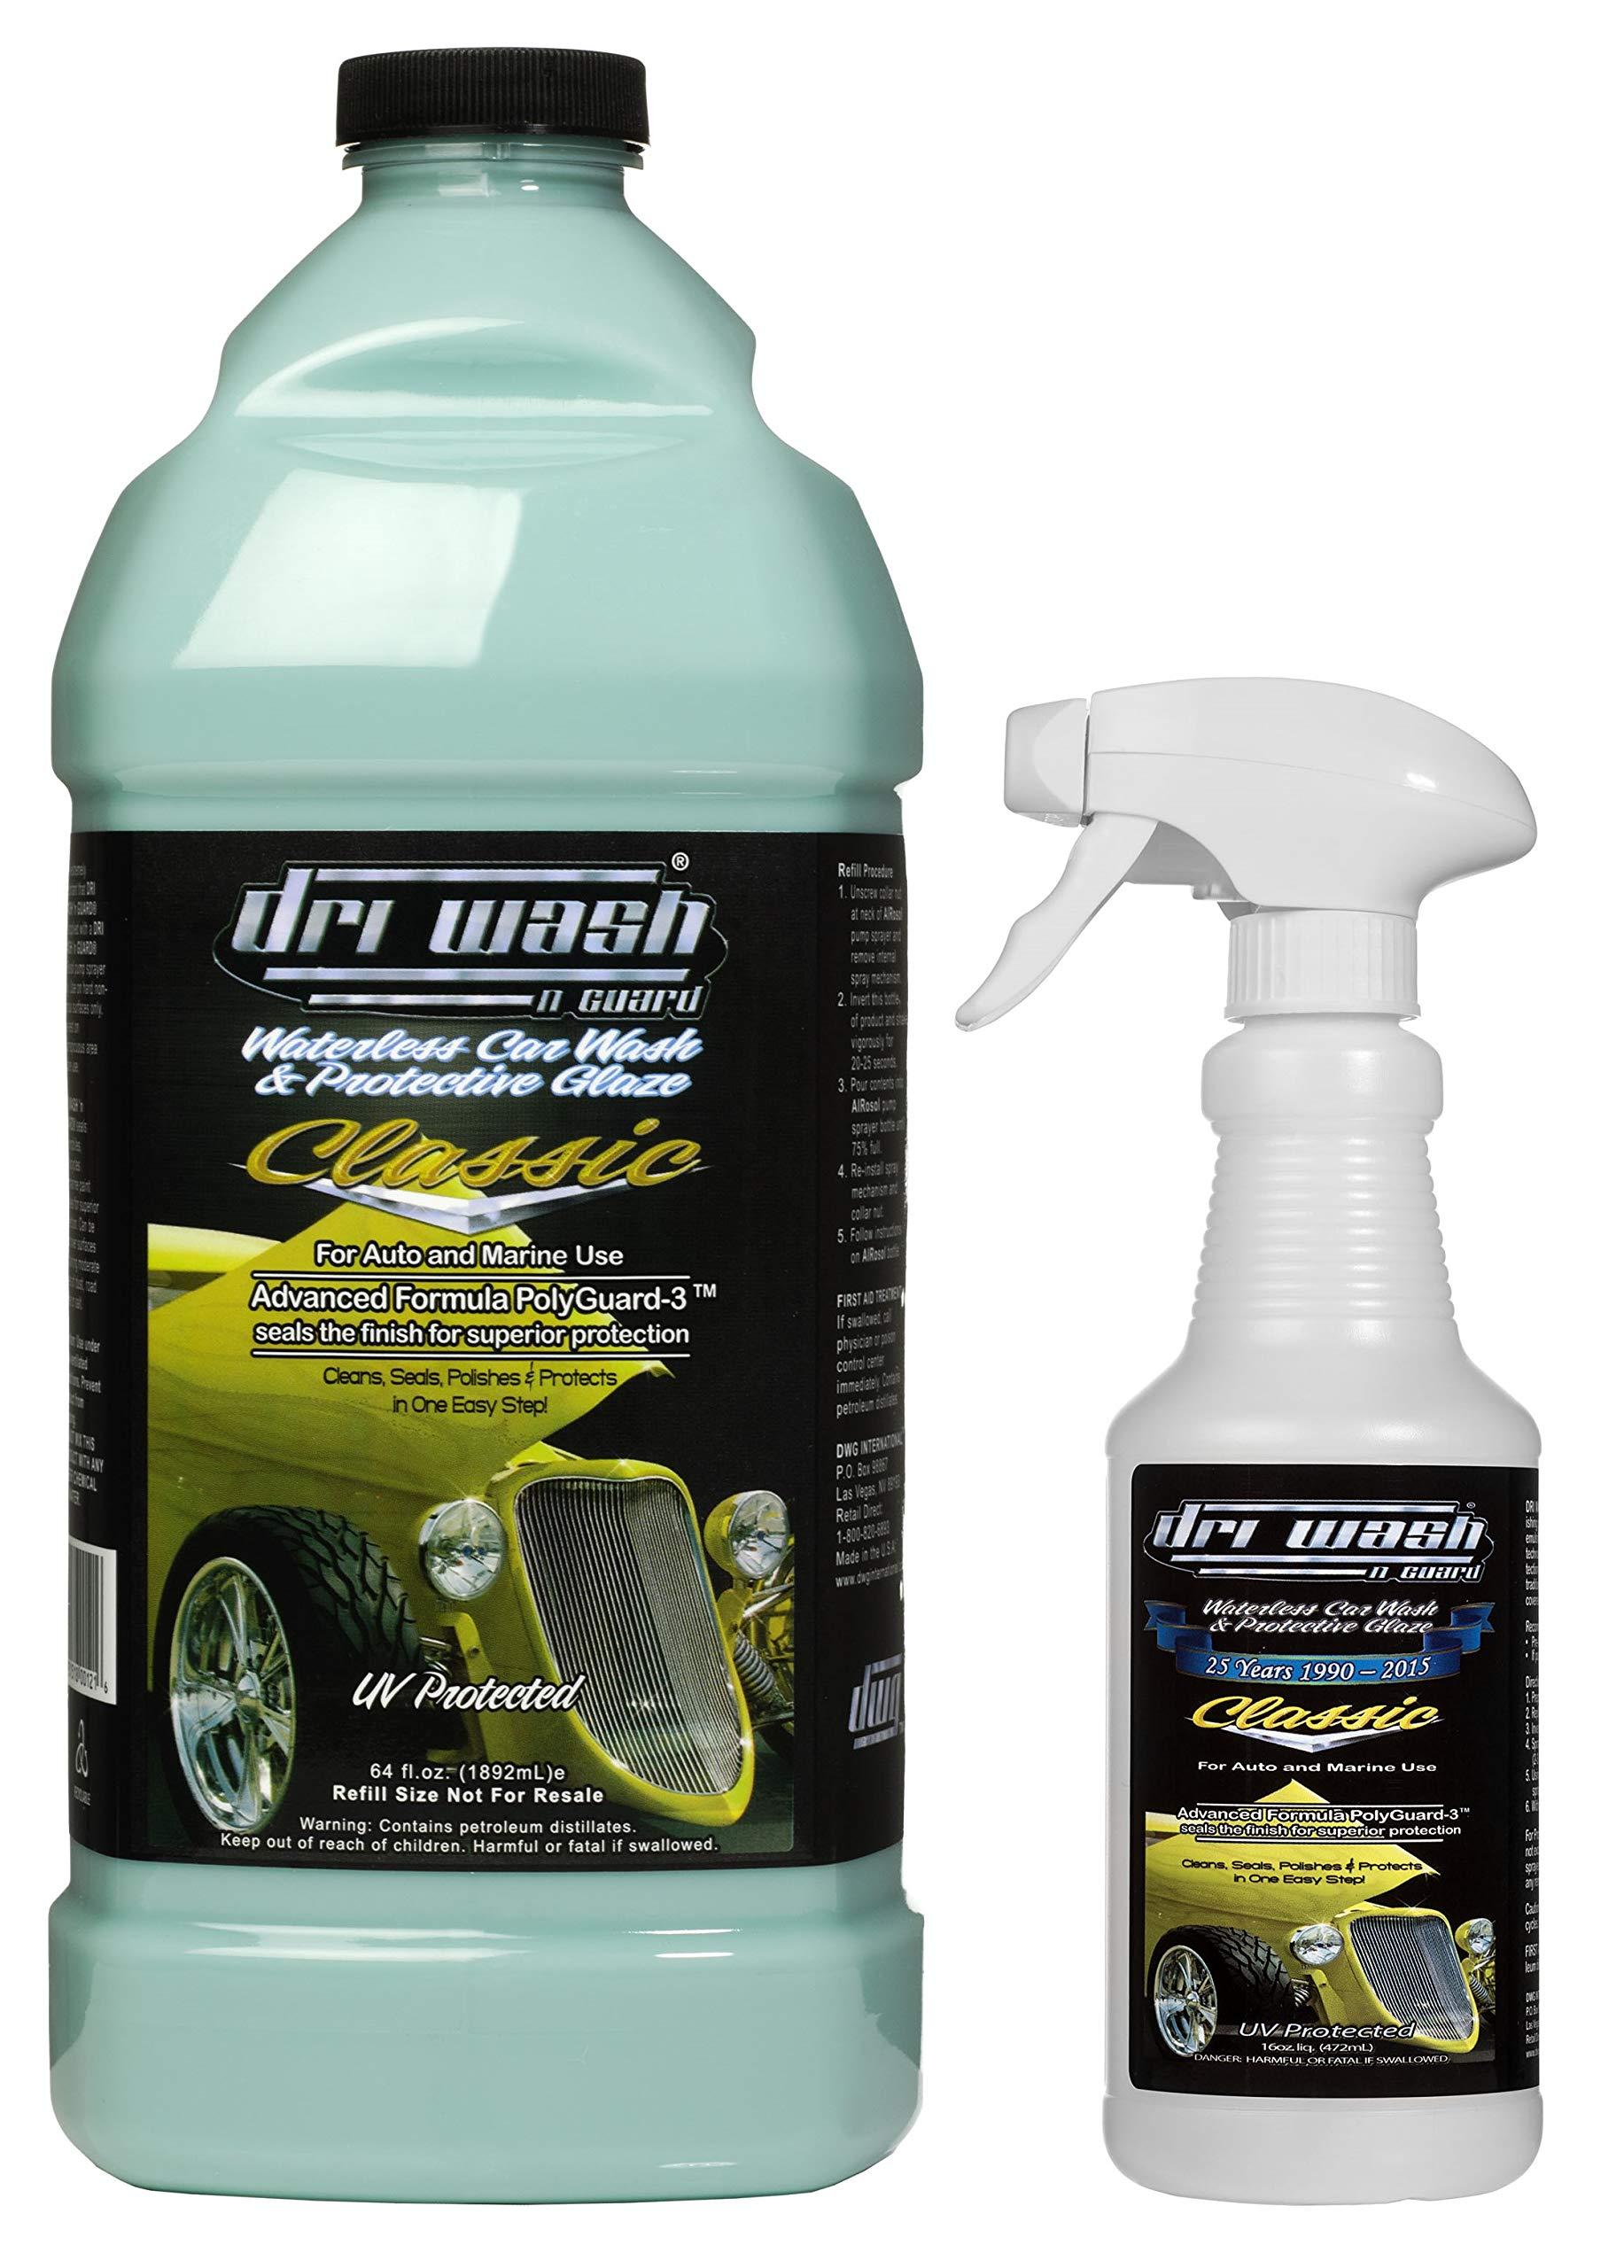 Dri Wash 'n Guard Classic 64oz Waterless Car Wash w/Empty Spray Bottle